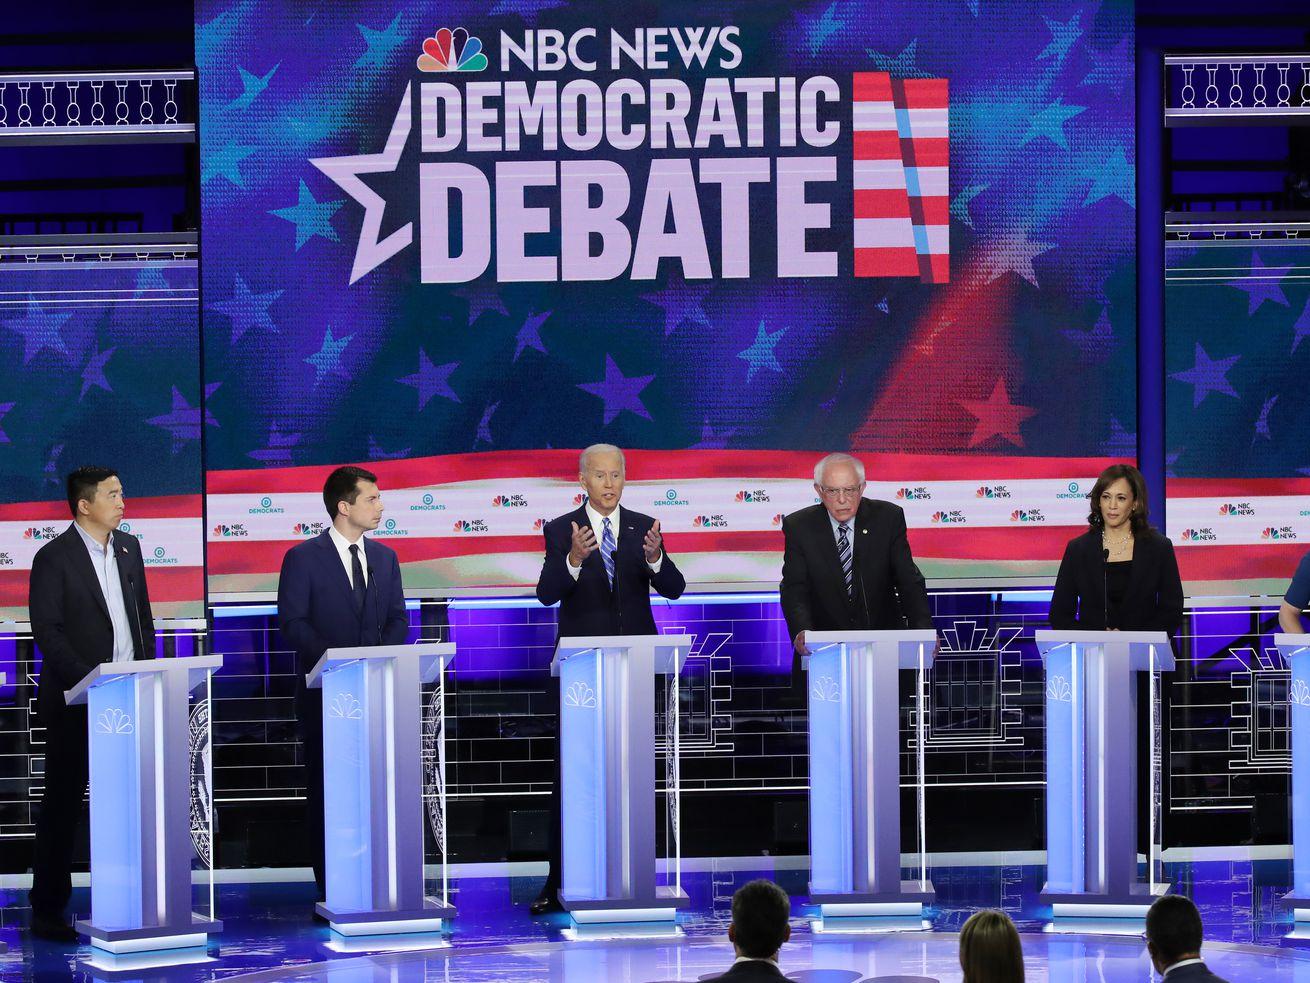 Democratic debate stage on June 27, 2019.